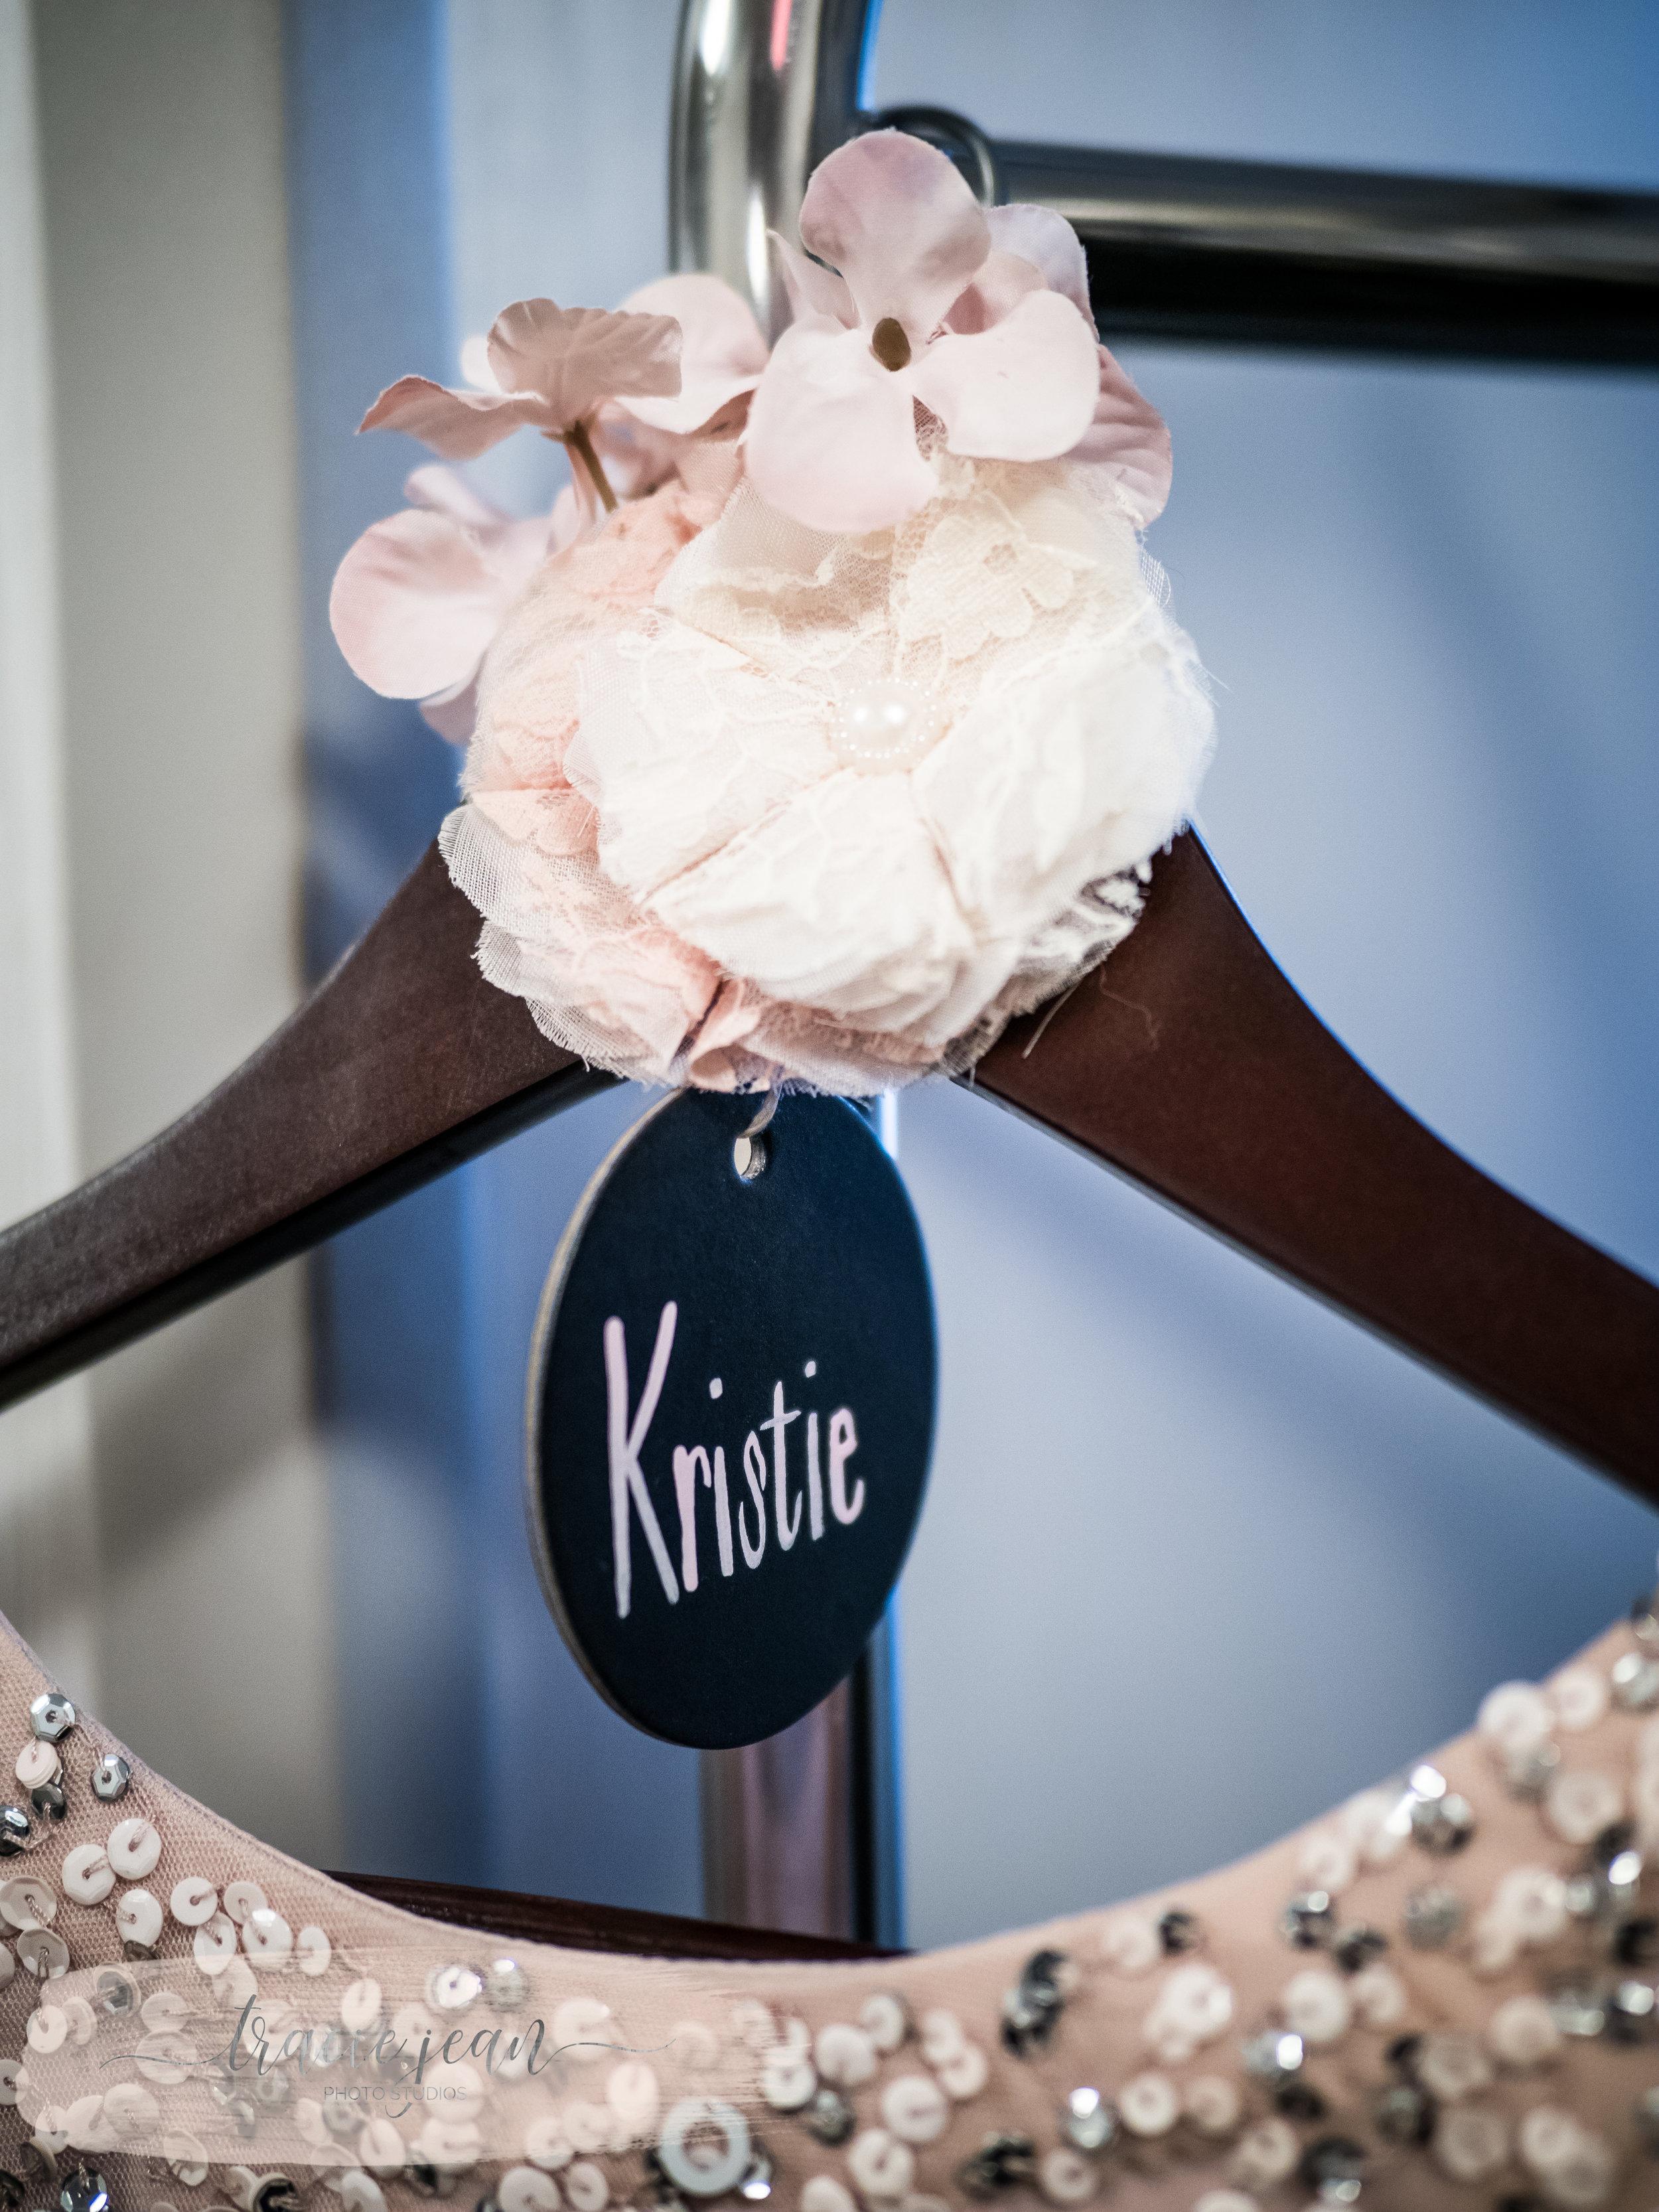 Bridesmaids Names on Each Hanger